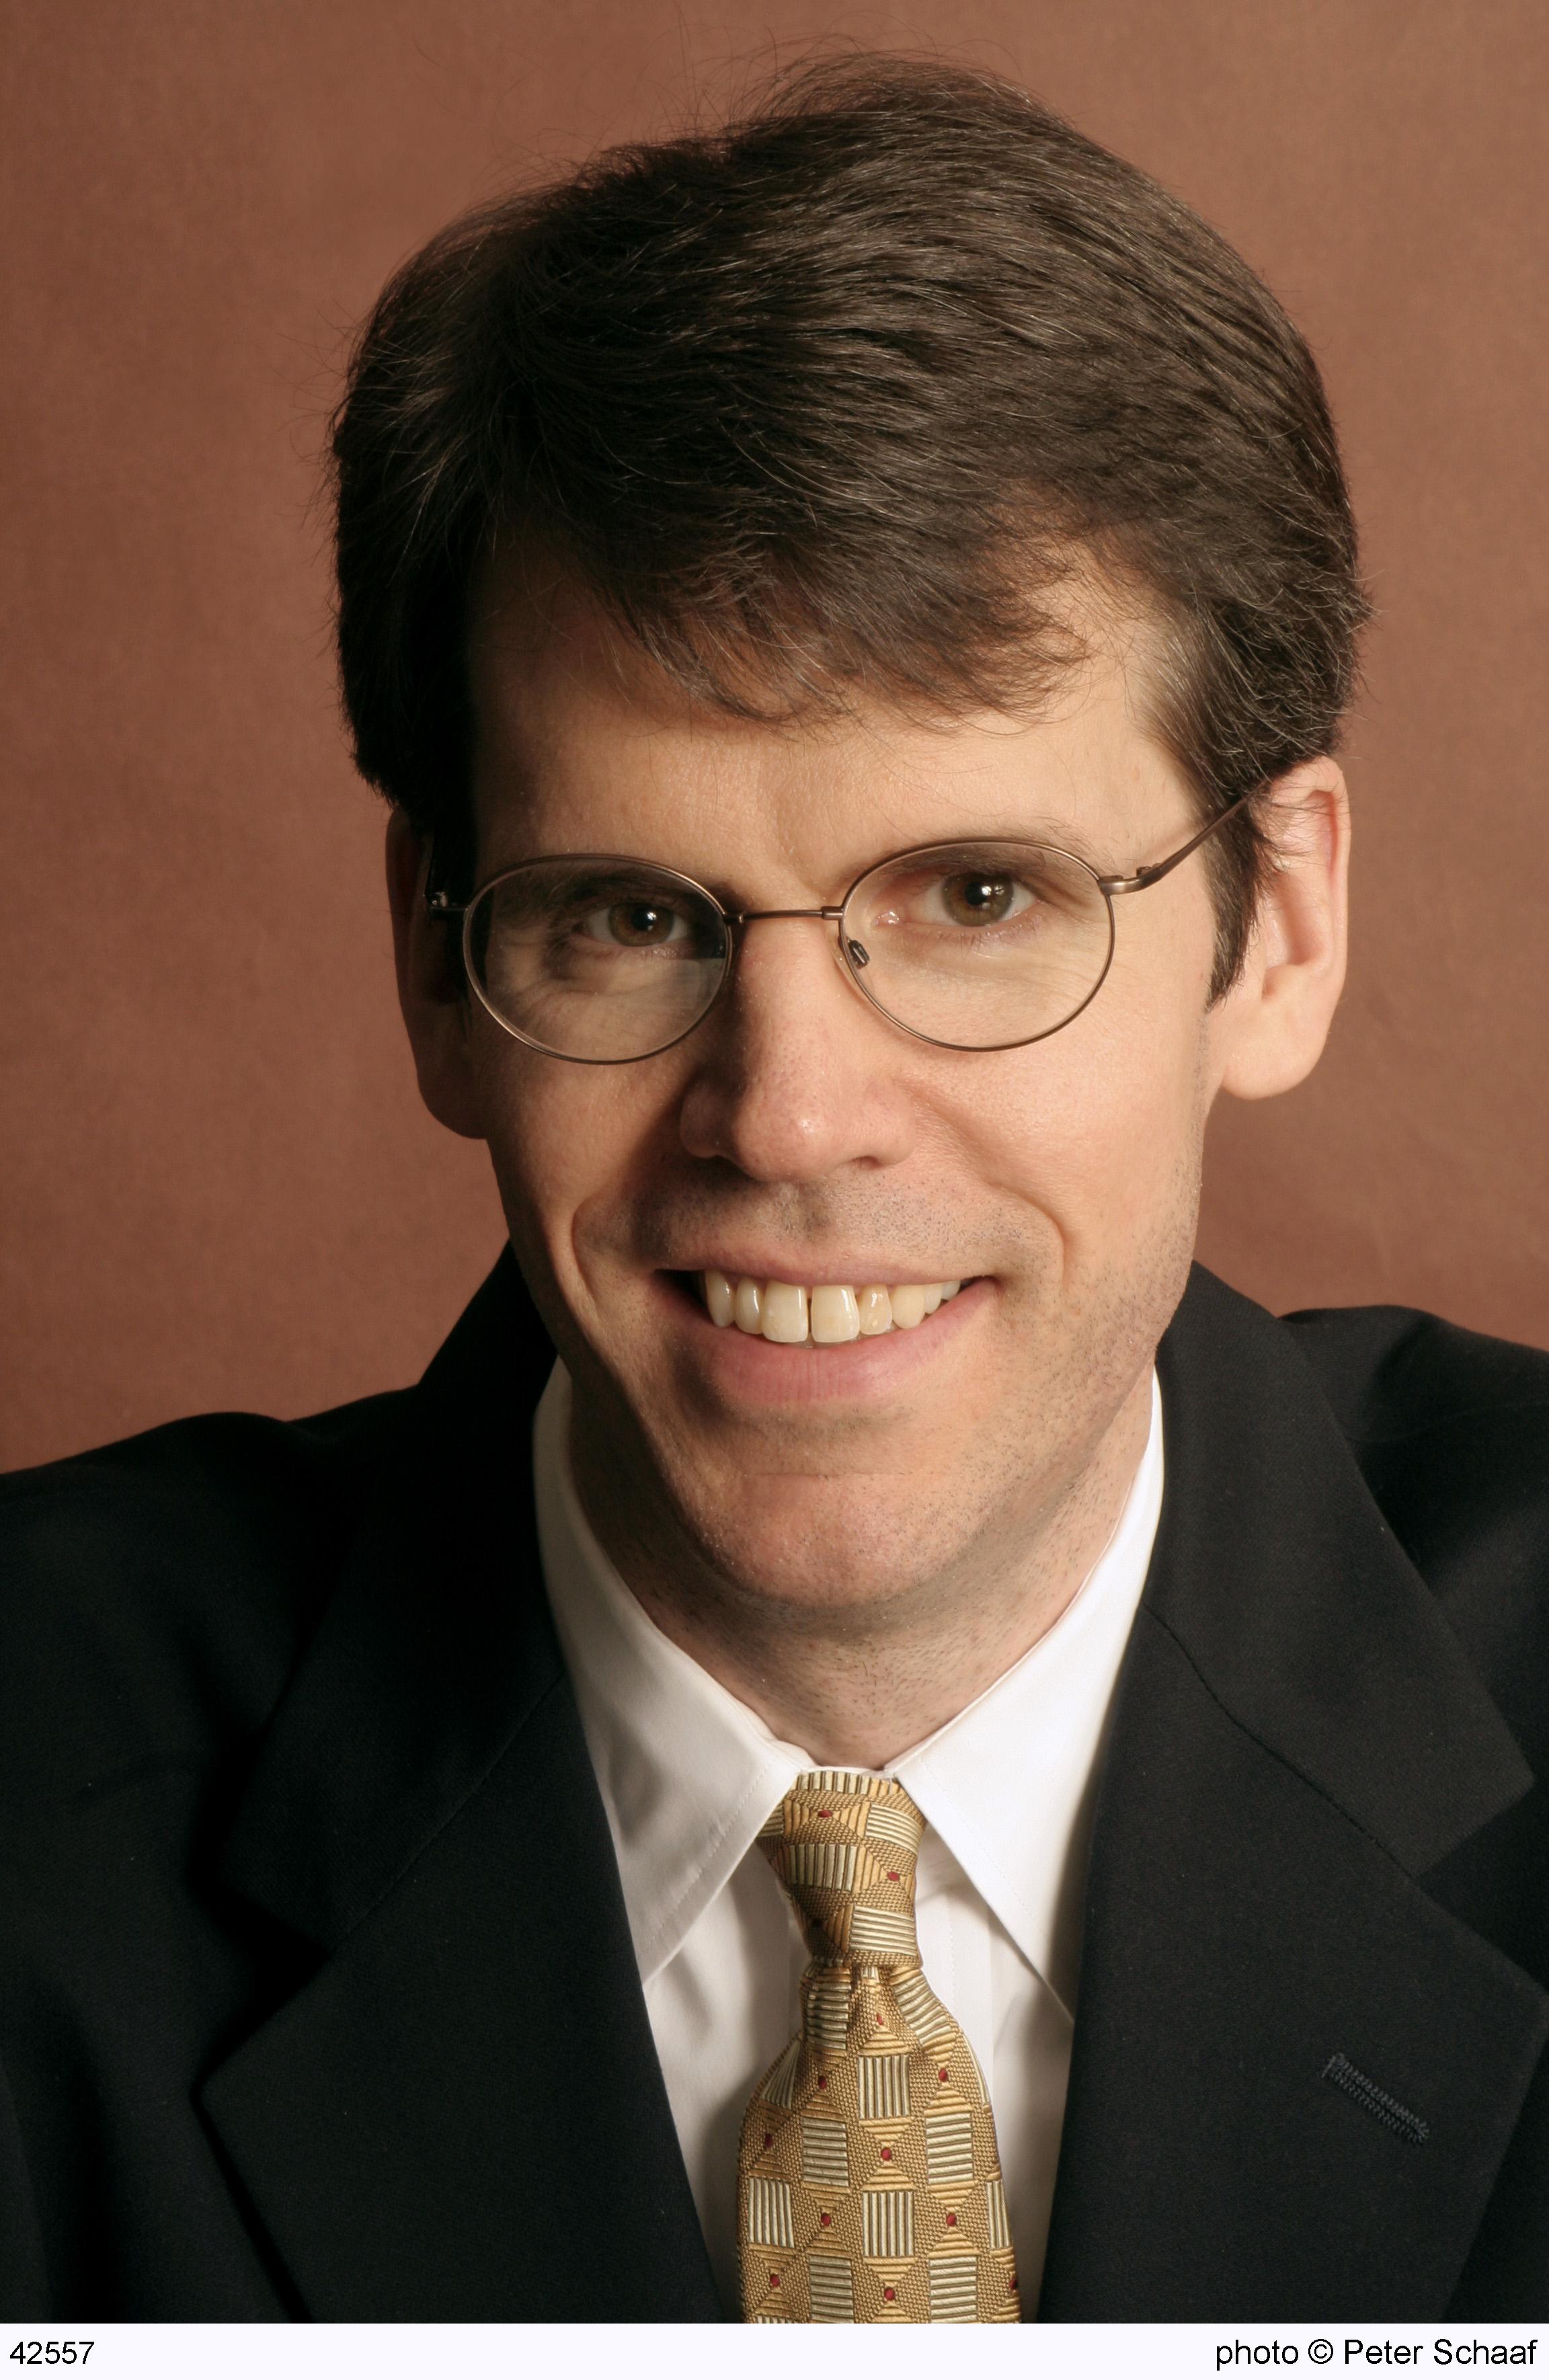 Thomas Sauer